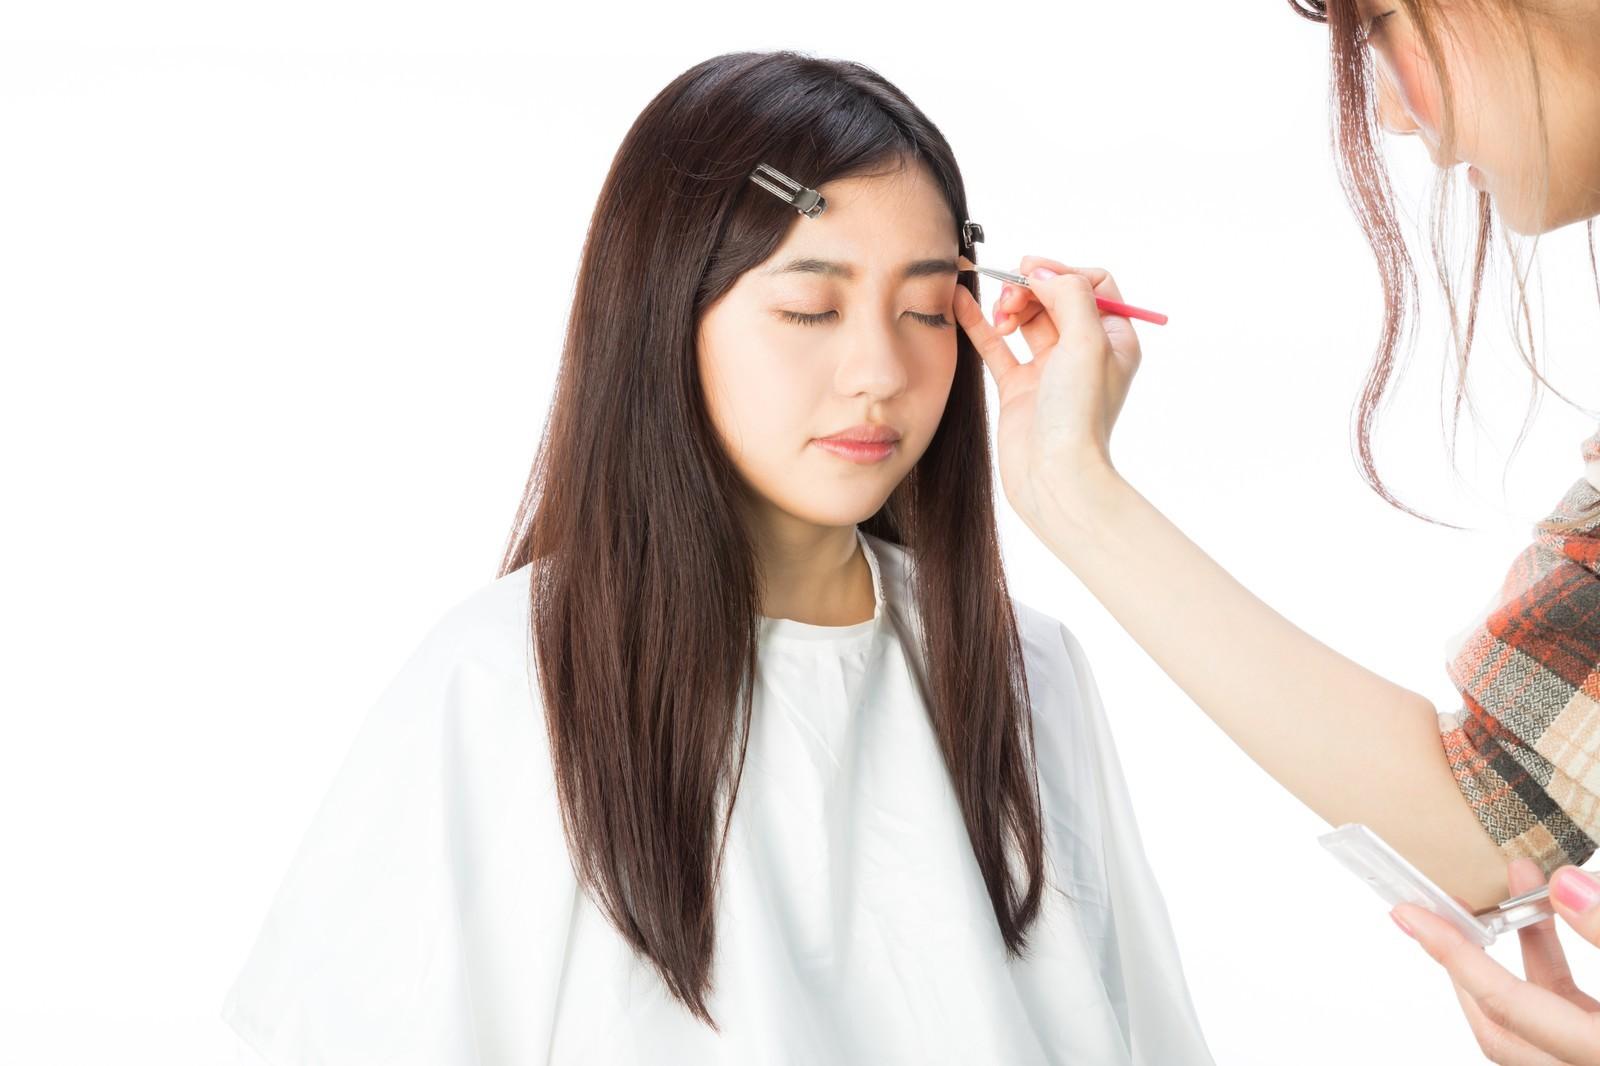 ▲眉毛,畫眉,化妝,美妝,美容。(圖/取自免費圖庫Pakutaso)